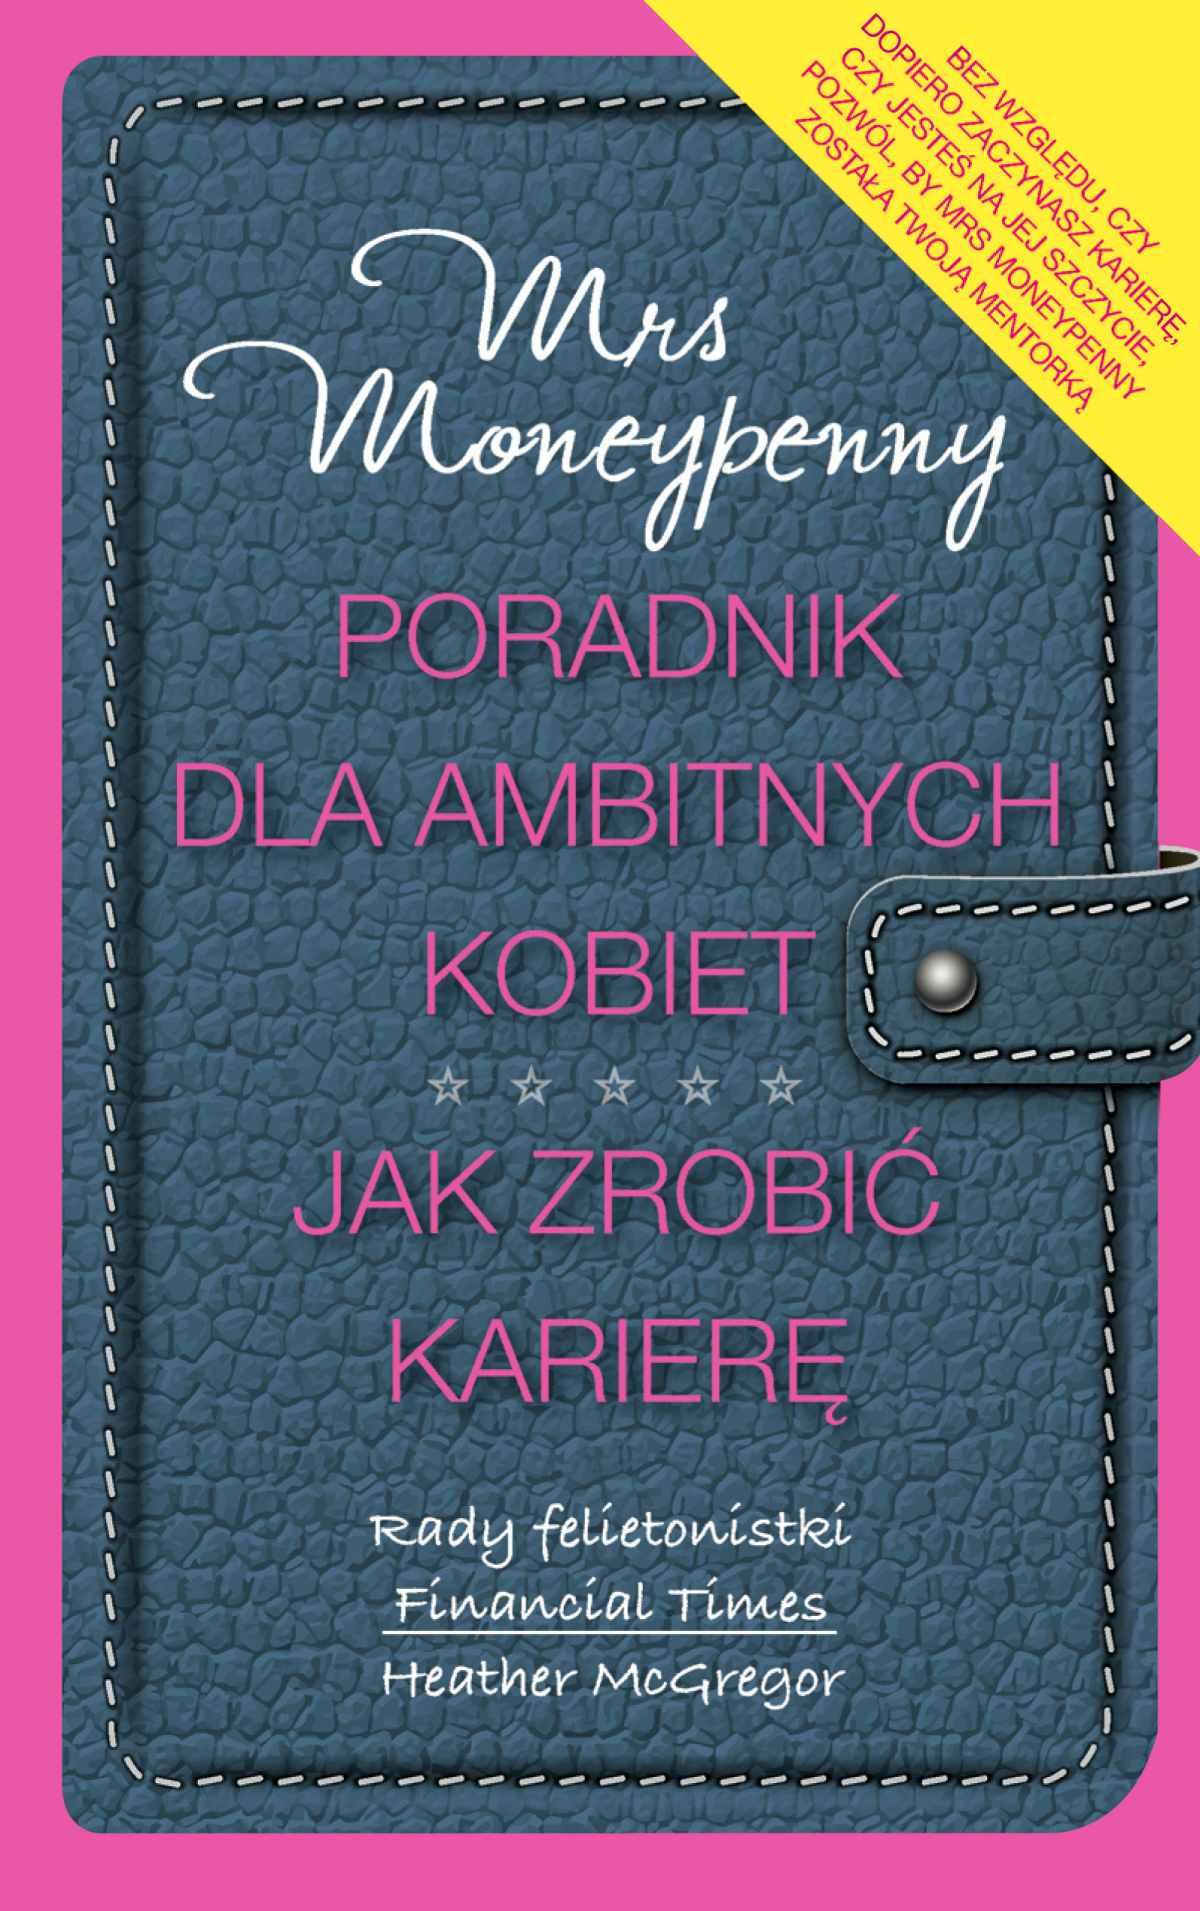 Poradnik dla ambitnych kobiet. Jak zrobić karierę - Ebook (Książka na Kindle) do pobrania w formacie MOBI